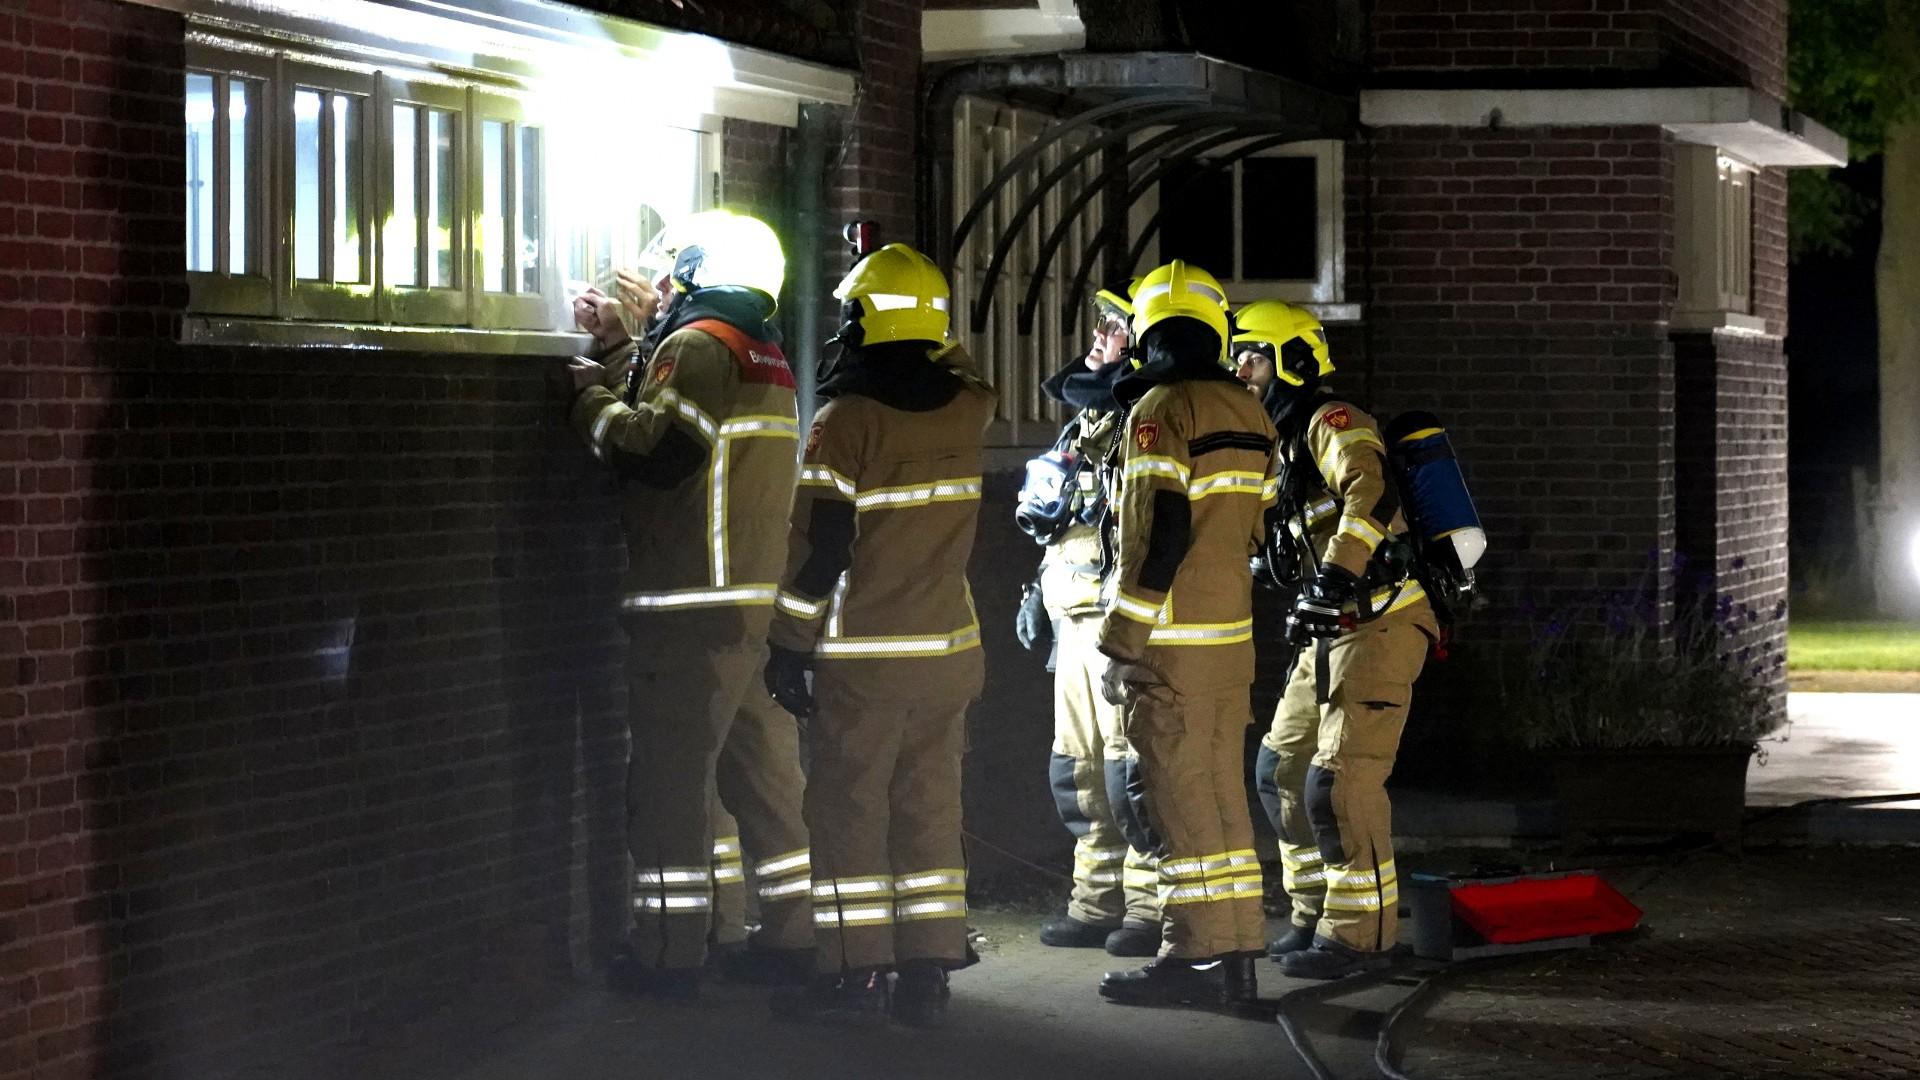 Brandweer rukt uit voor brand in Villa Westerland, maar treft niets aan